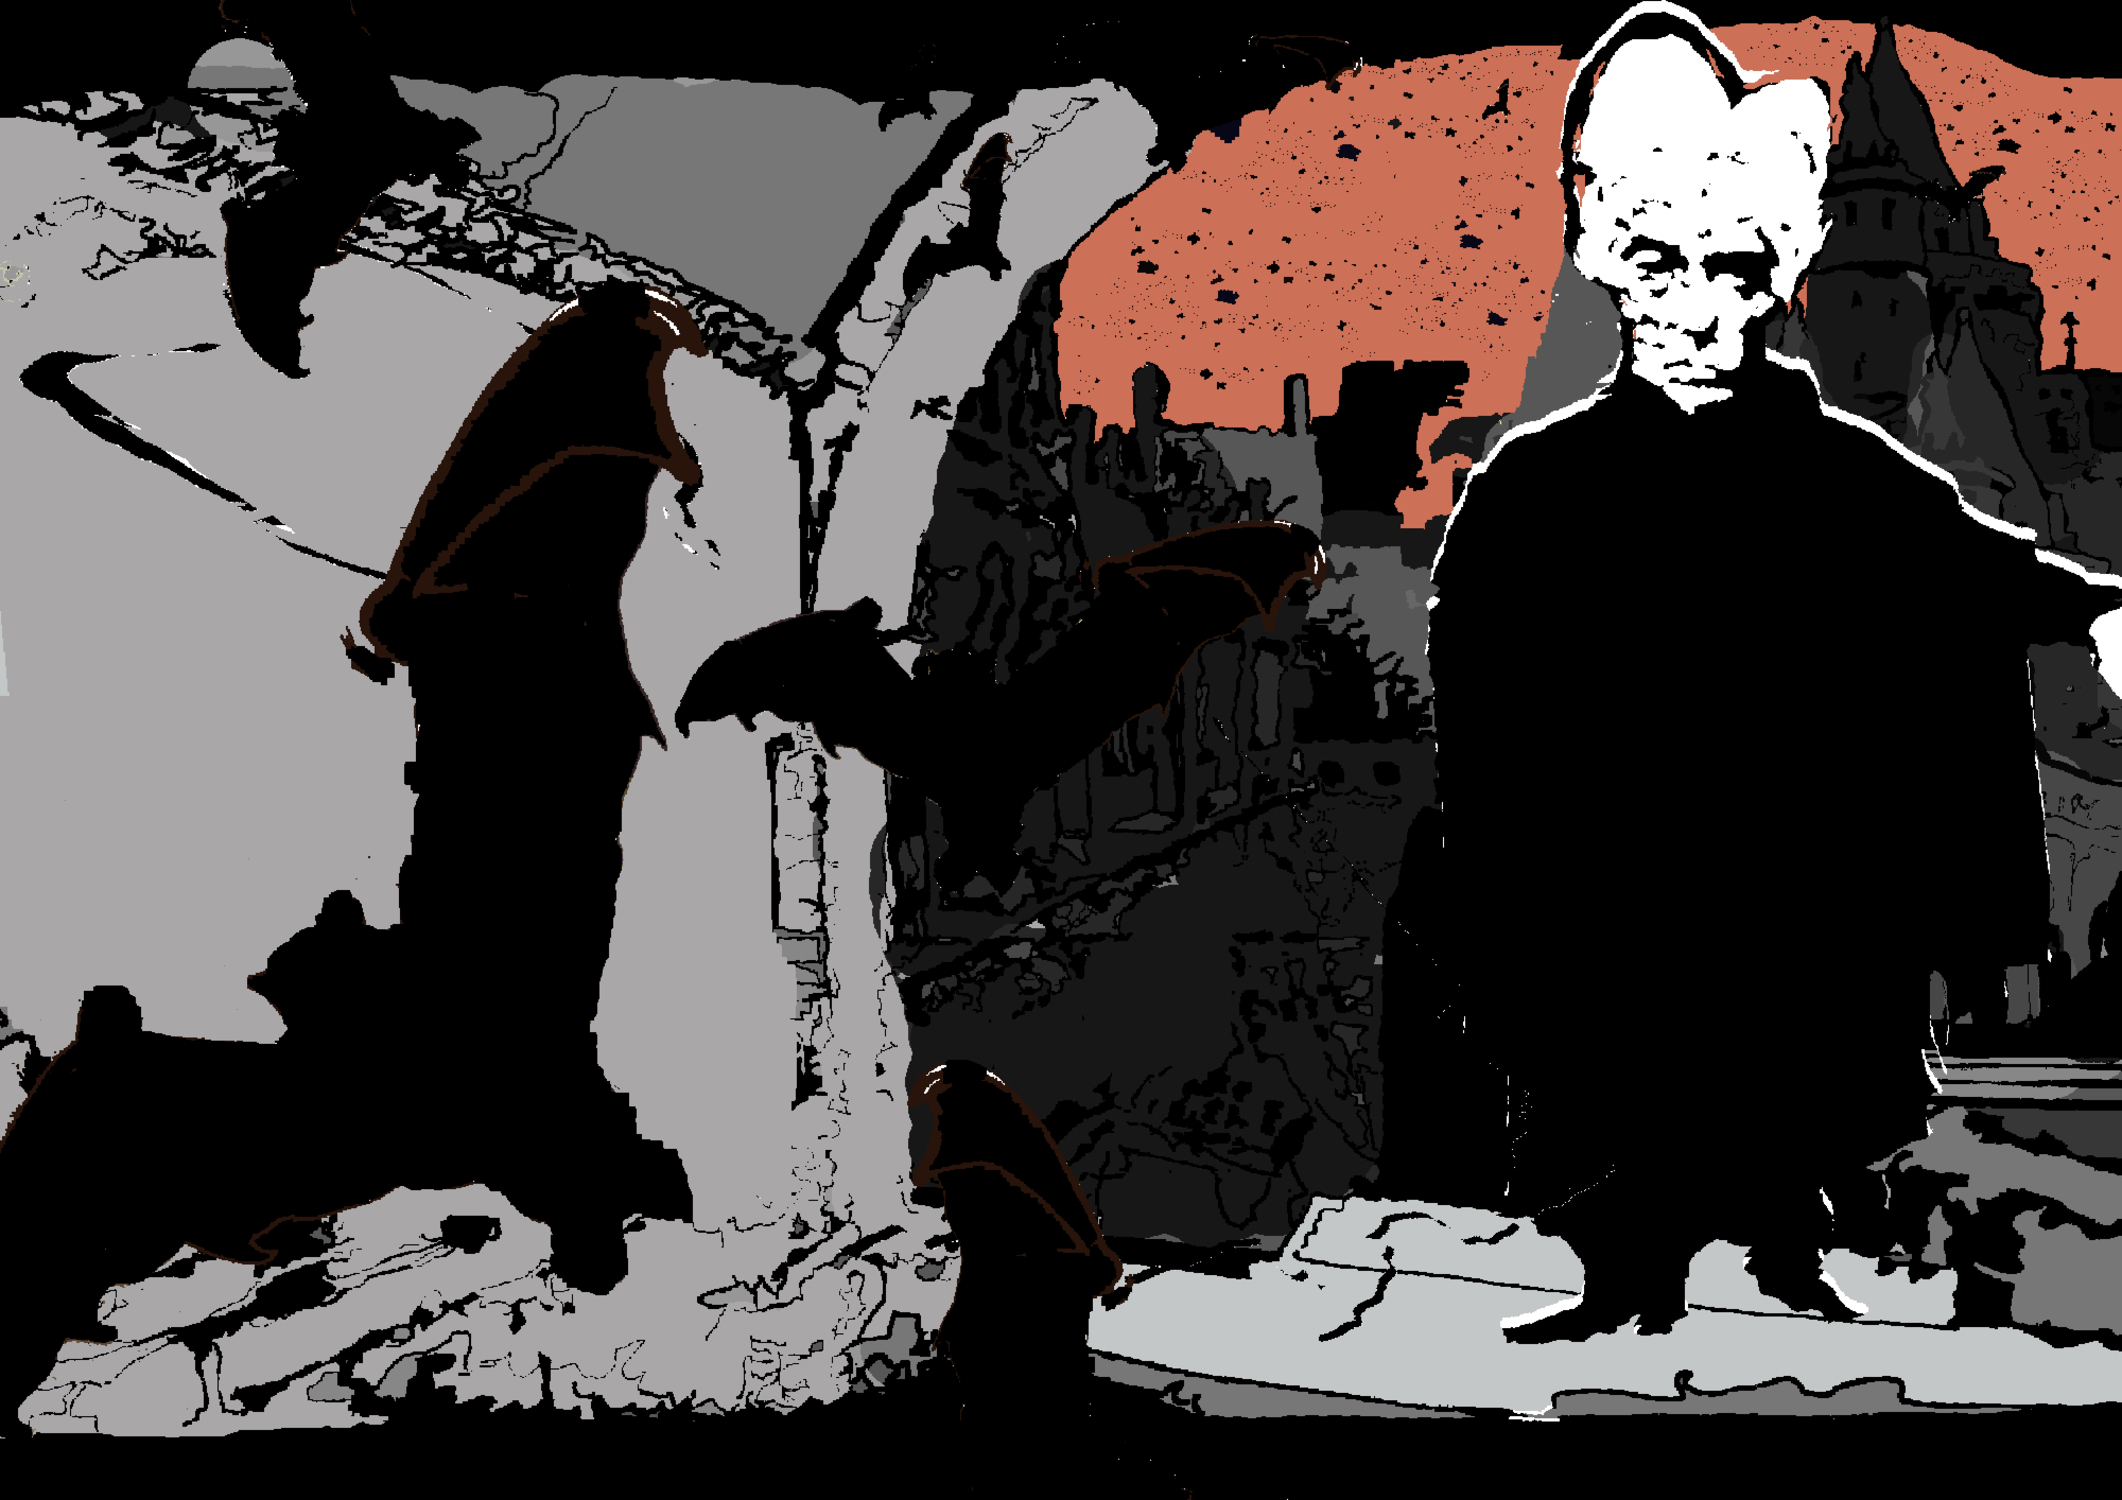 Dracula Artwork by Natalie Knowles